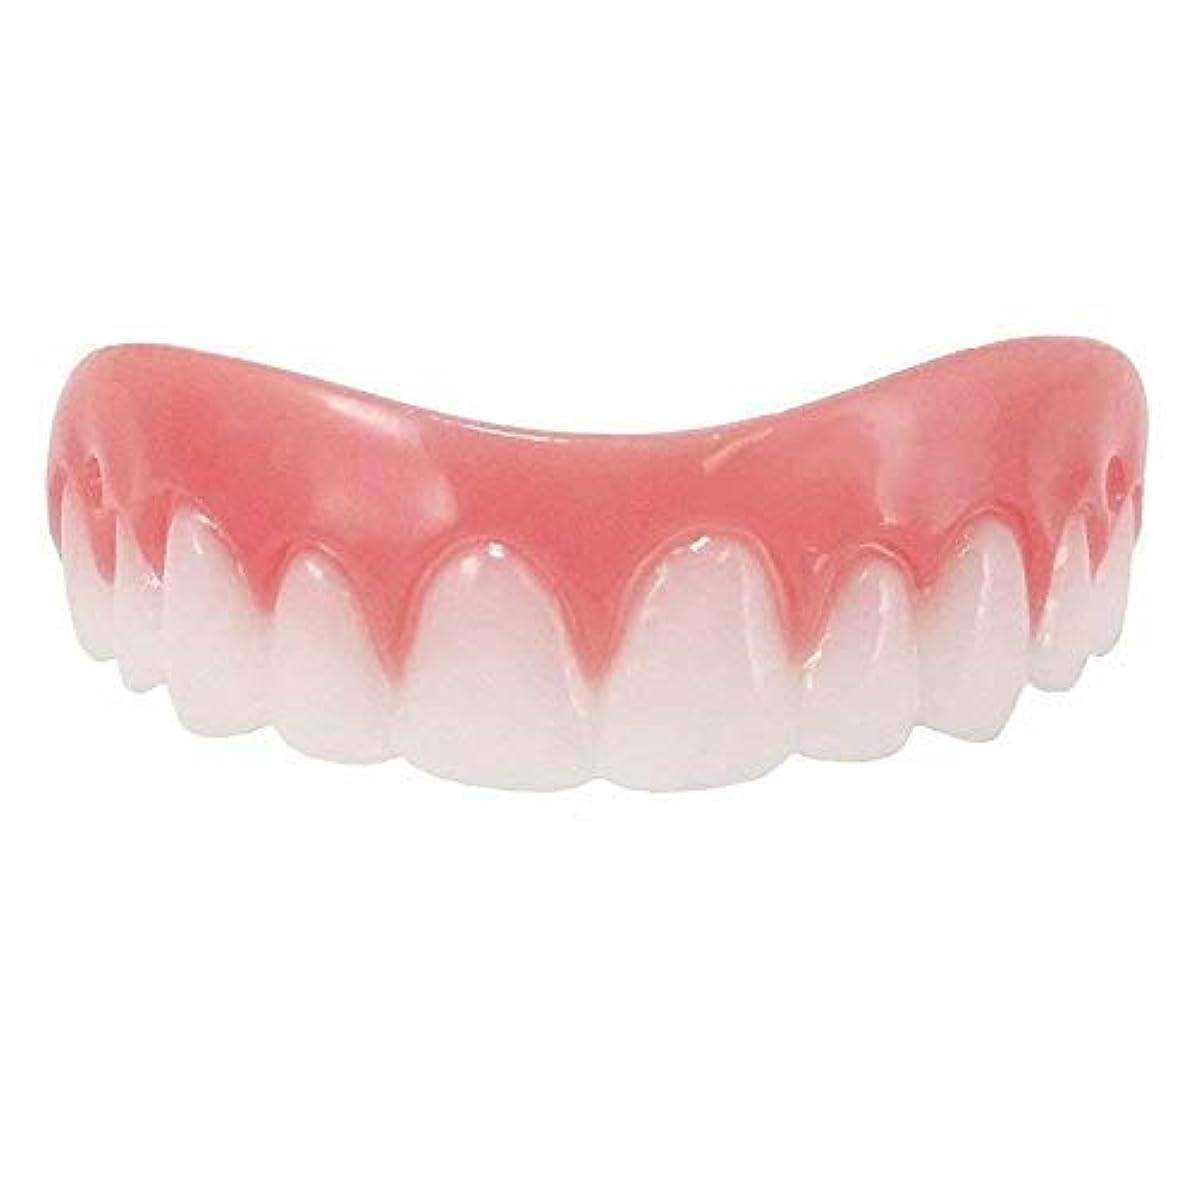 上に年アルバニーcocorave 美容用 入れ歯 上歯 審美付歯 入歯 矯正 義歯